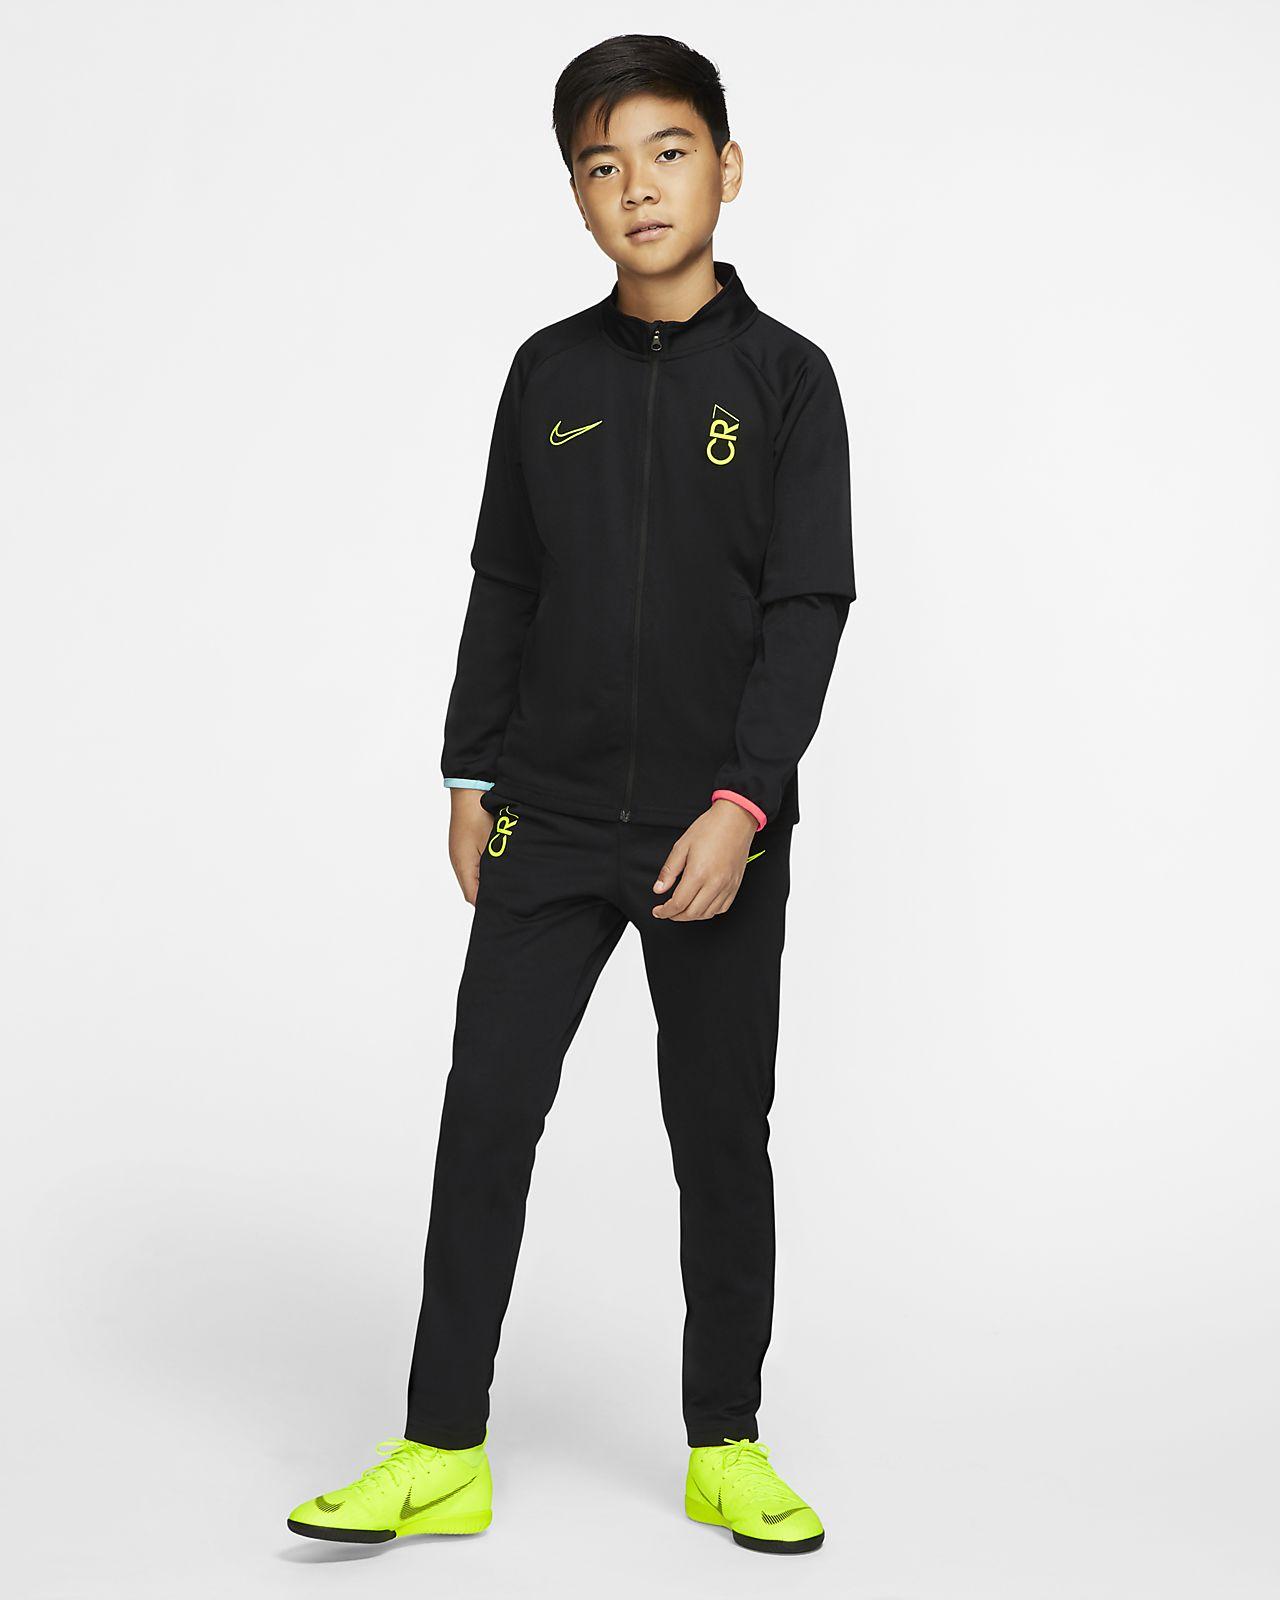 Survêtement de football Nike Dri FIT CR7 pour Enfant plus âgé